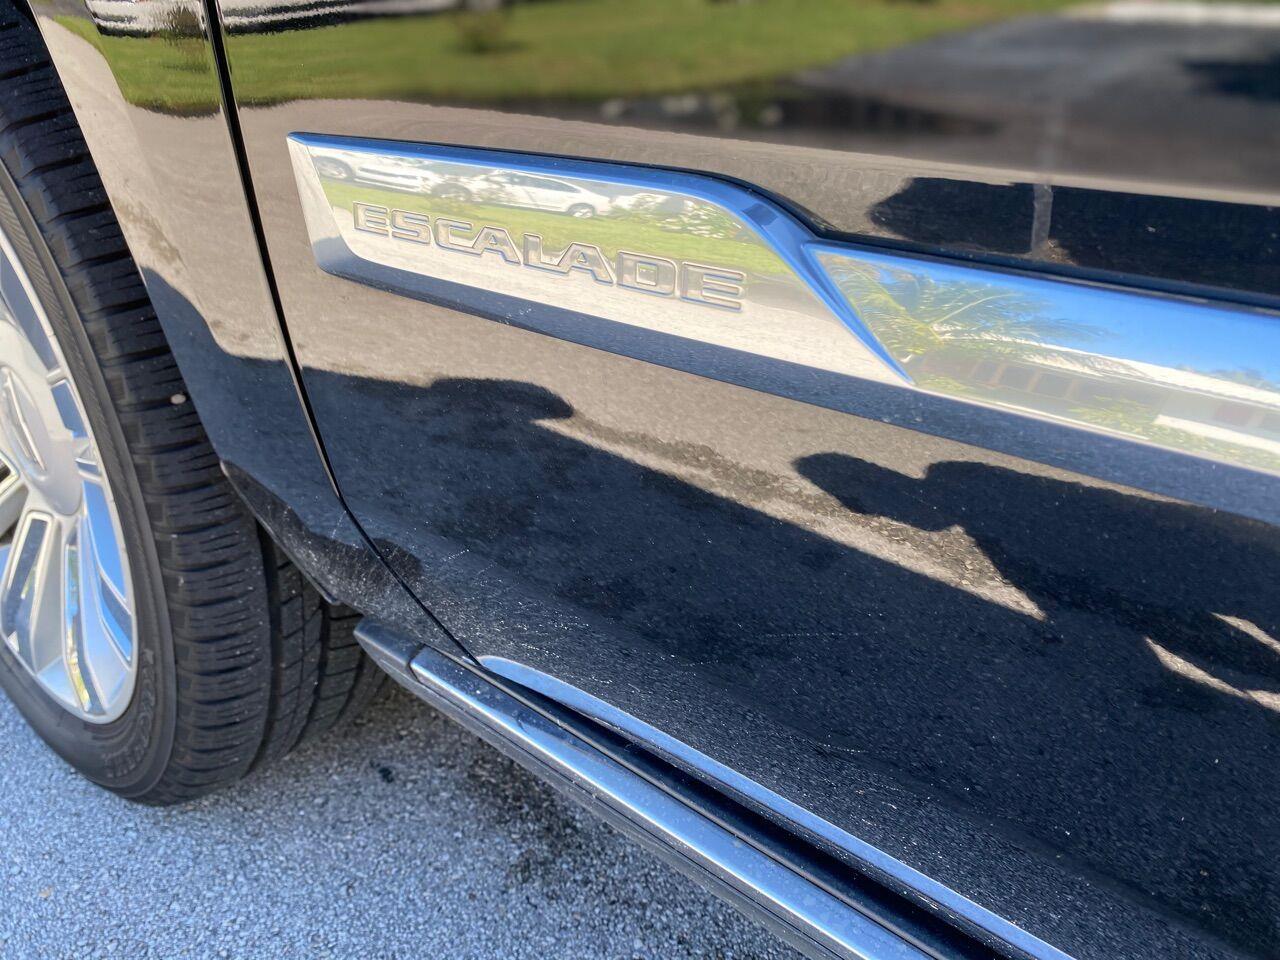 2015 Cadillac Escalade (CC-1419415) for sale in Pompano Beach, Florida